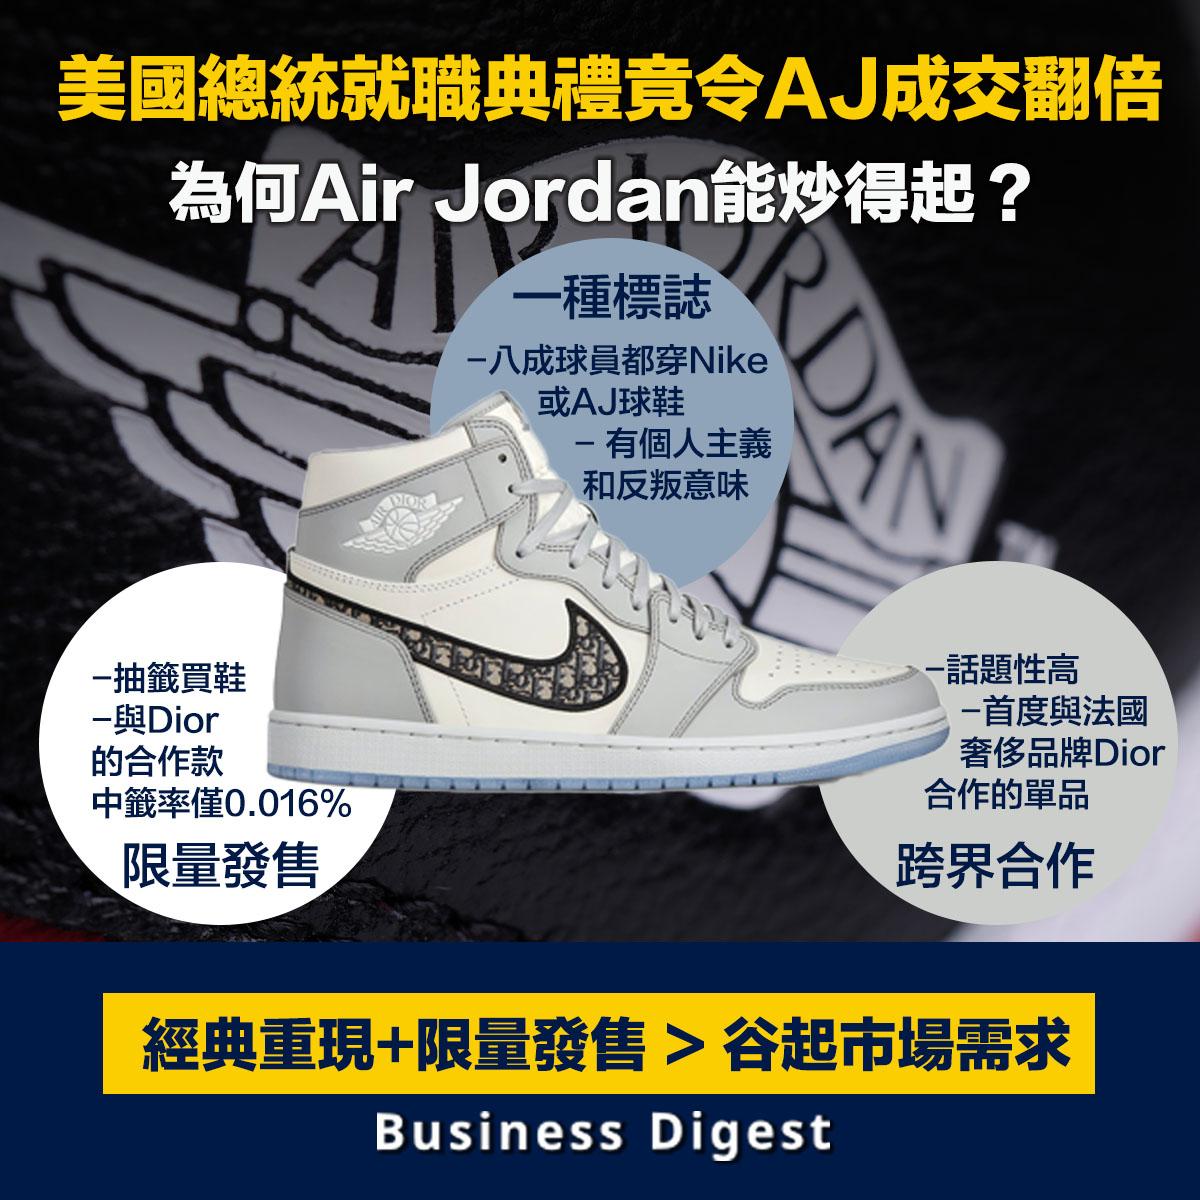 美國總統就職典禮竟令AJ成交翻倍,為何Air Jordan能炒得起?